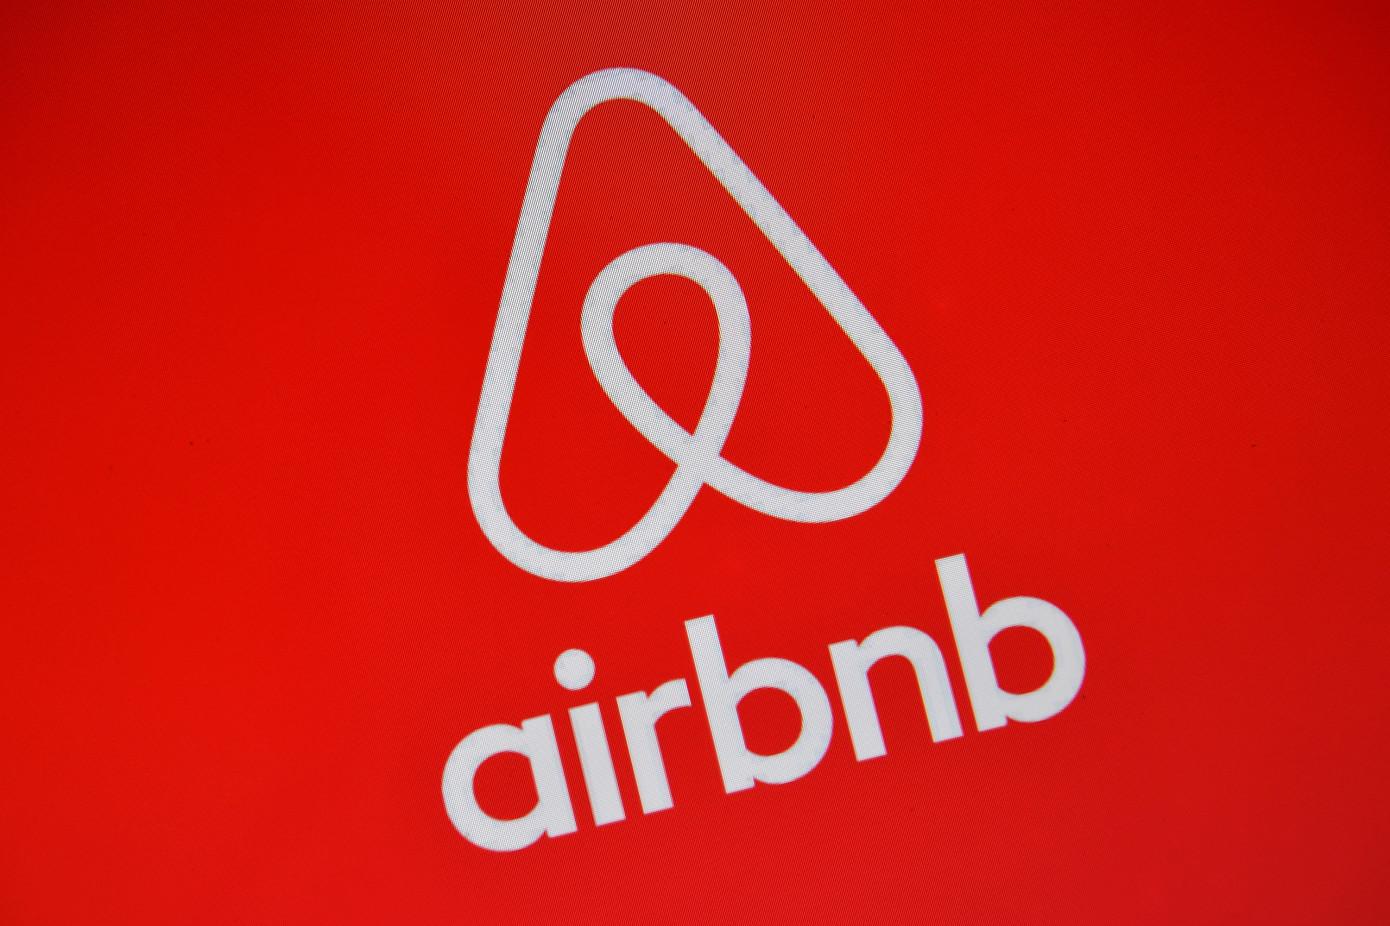 Airbnb extiende la política de cancelación sin cargo debido al coronavirus